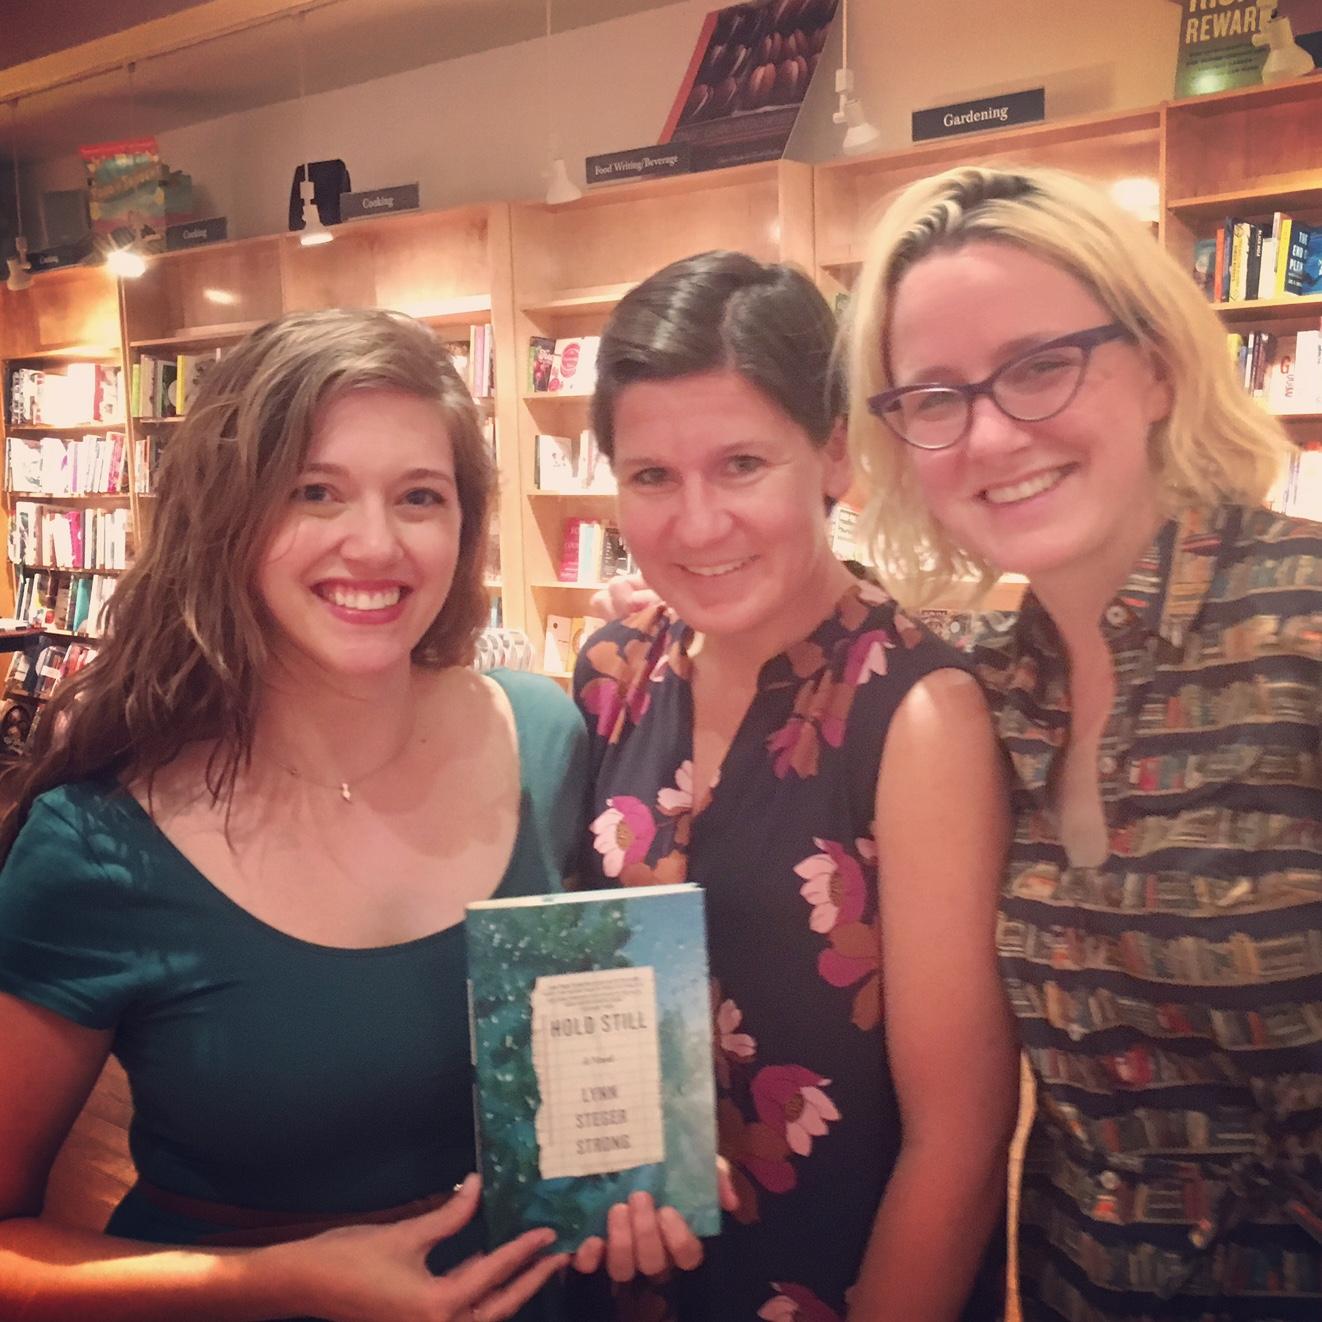 From L to R: Alisson Wood, Lynn Steger Strong, & Michele Filgate, Celebrating Lynn's novel Hold Still at BookCourt, Sept. 25th, 2016